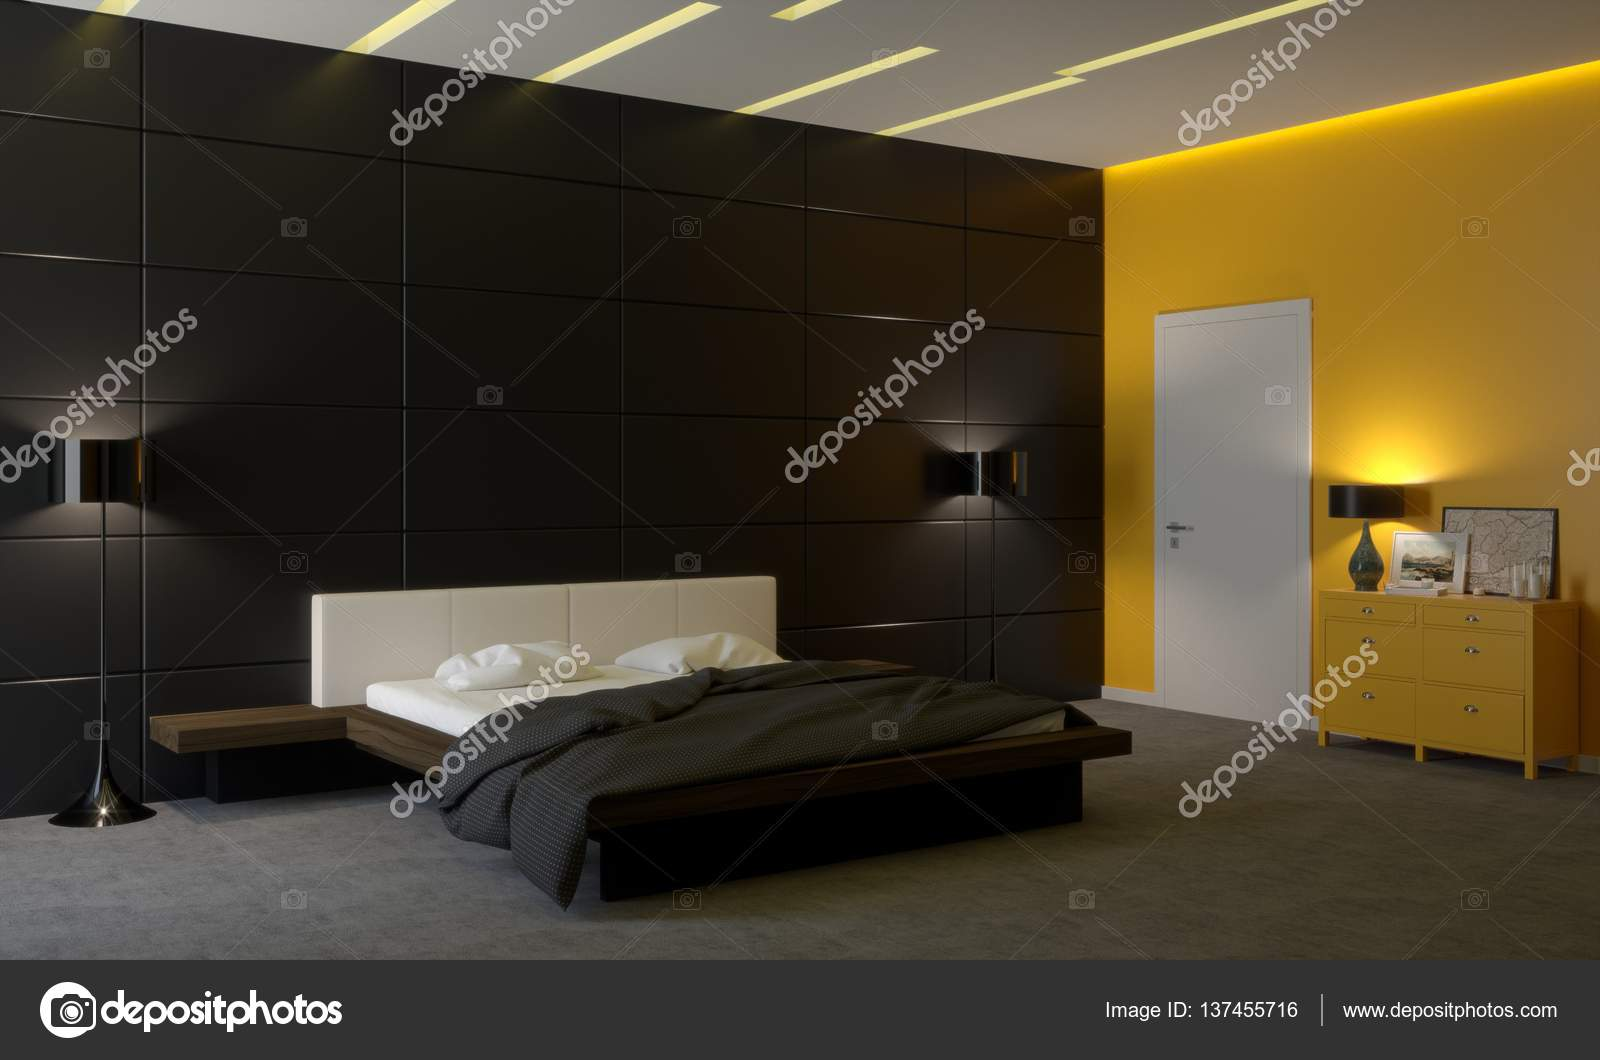 Das schlafzimmer im stil des minimalismus u2014 stockfoto